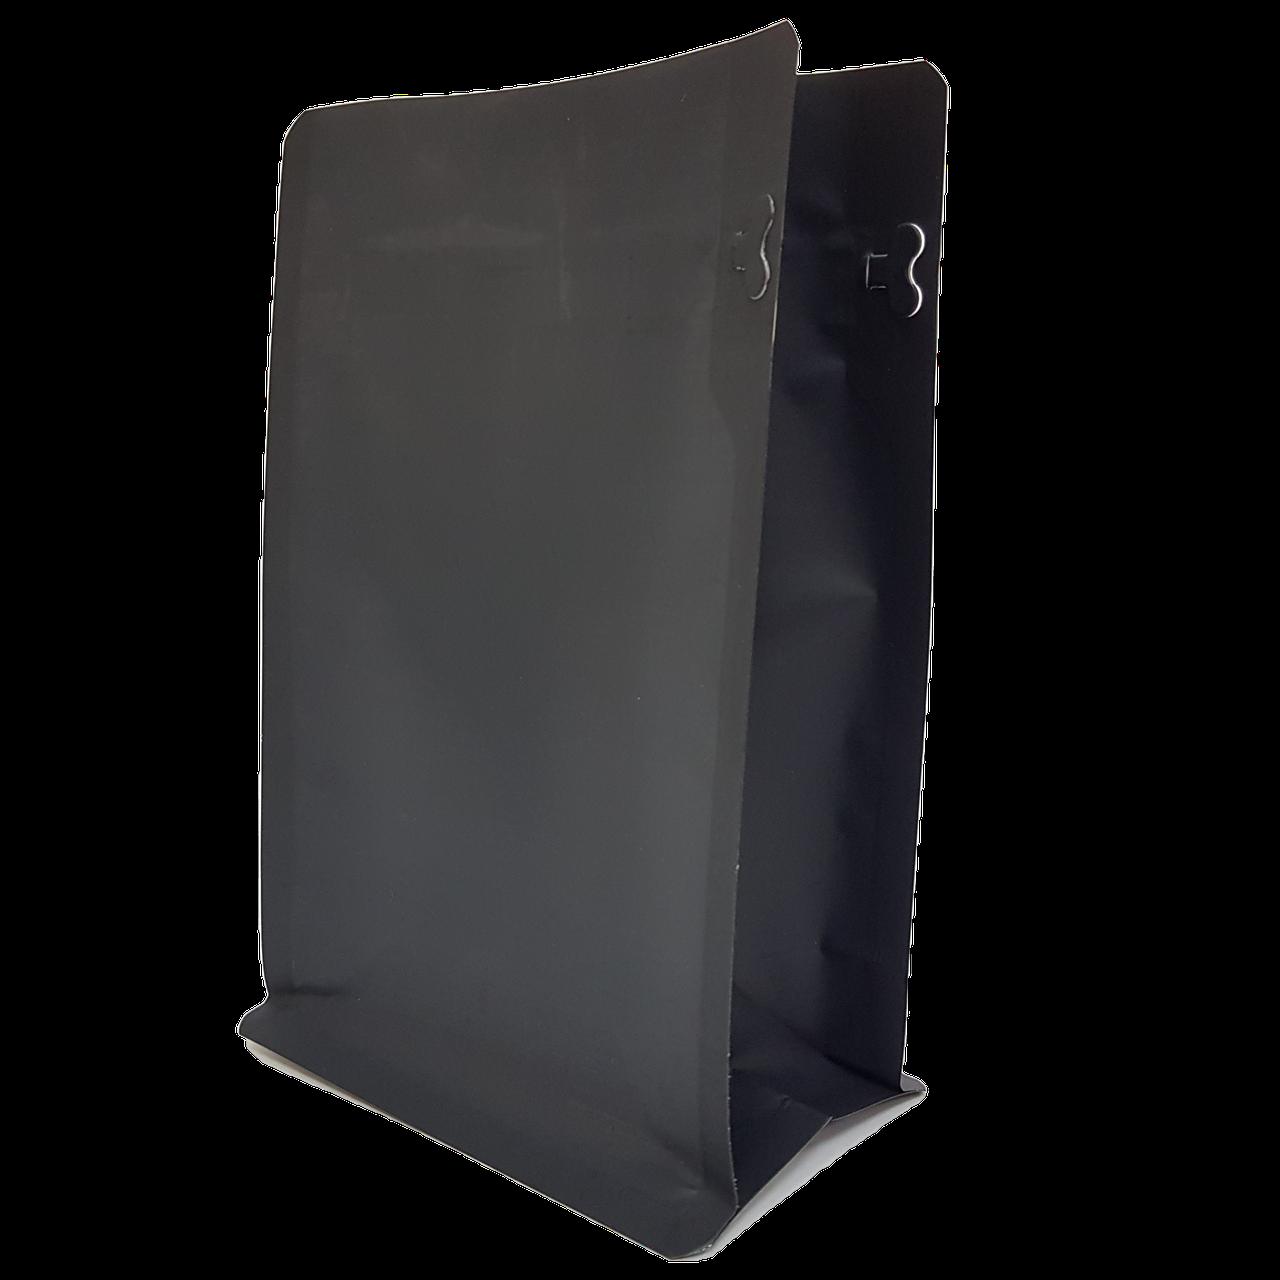 Пакет з плоским дном 130*255 дно (45+45) чорний, бічній zip-замок